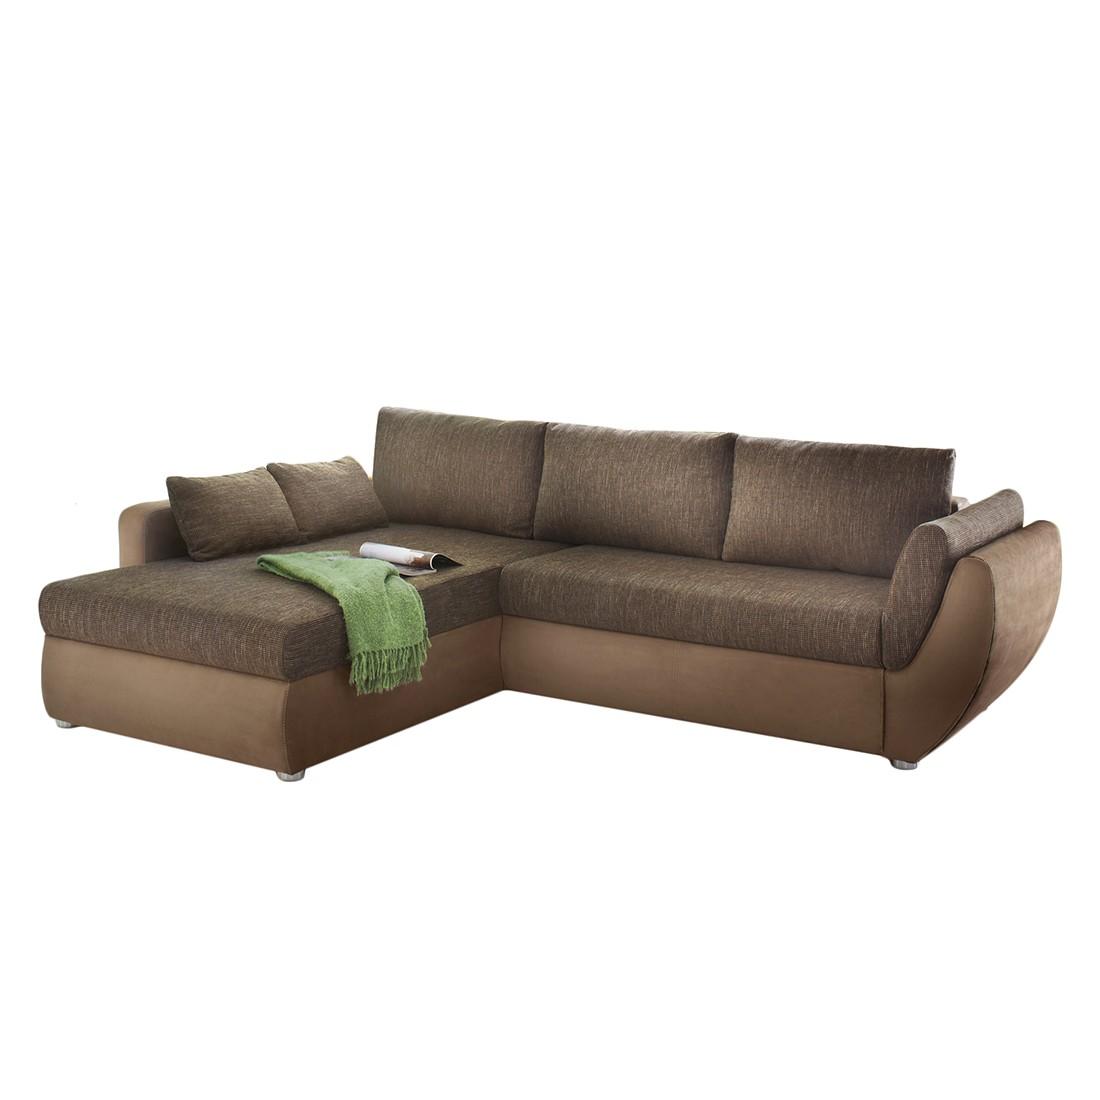 ecksofa venus microfaser braun ottomane davorstehend links mit hocker mooved online kaufen. Black Bedroom Furniture Sets. Home Design Ideas